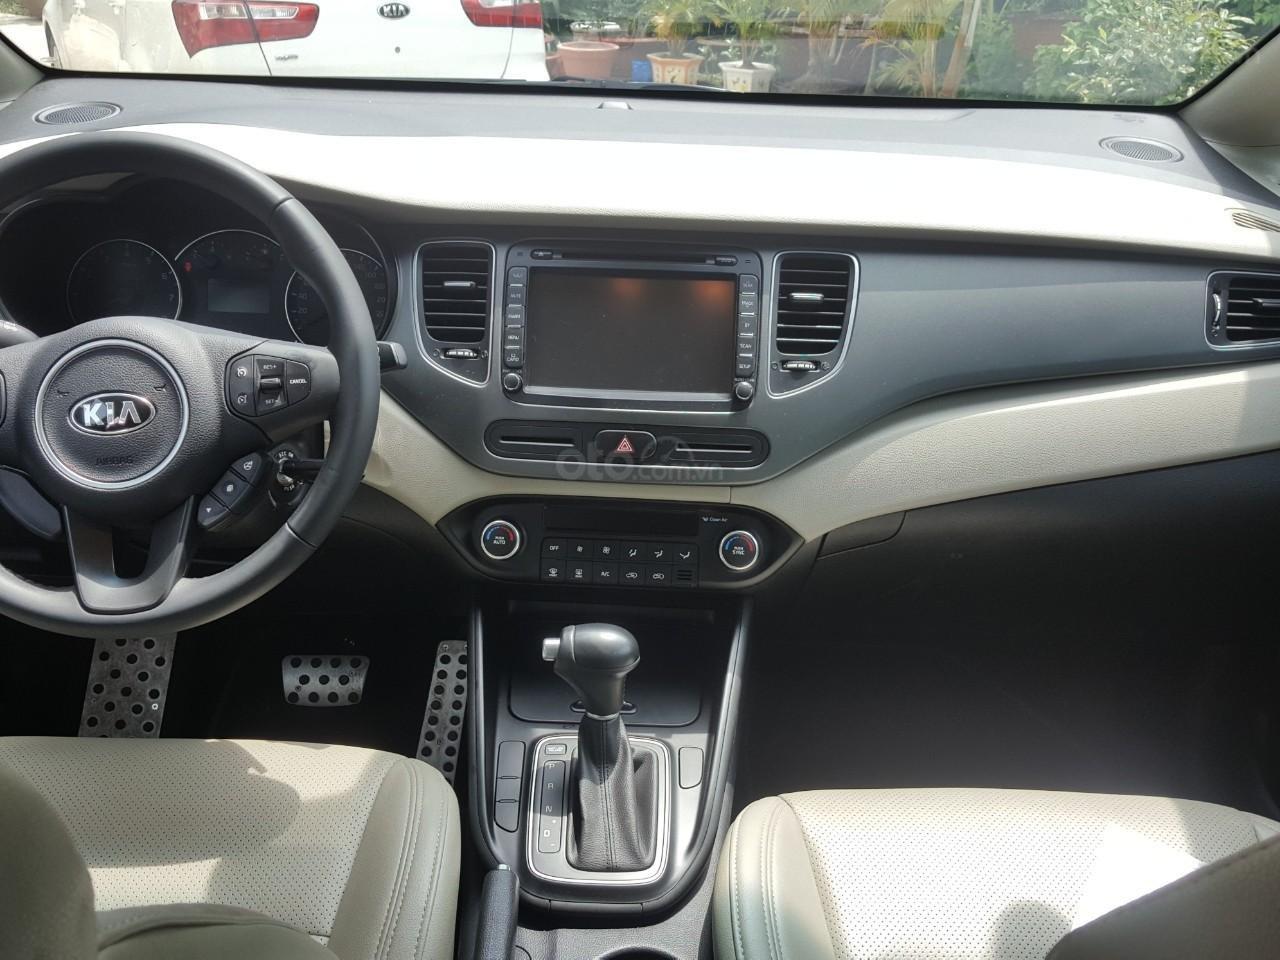 Bán Kia Rondo GAT 2.0AT màu trắng, máy xăng, số tự động, sản xuất 2018, đi 23000km (11)